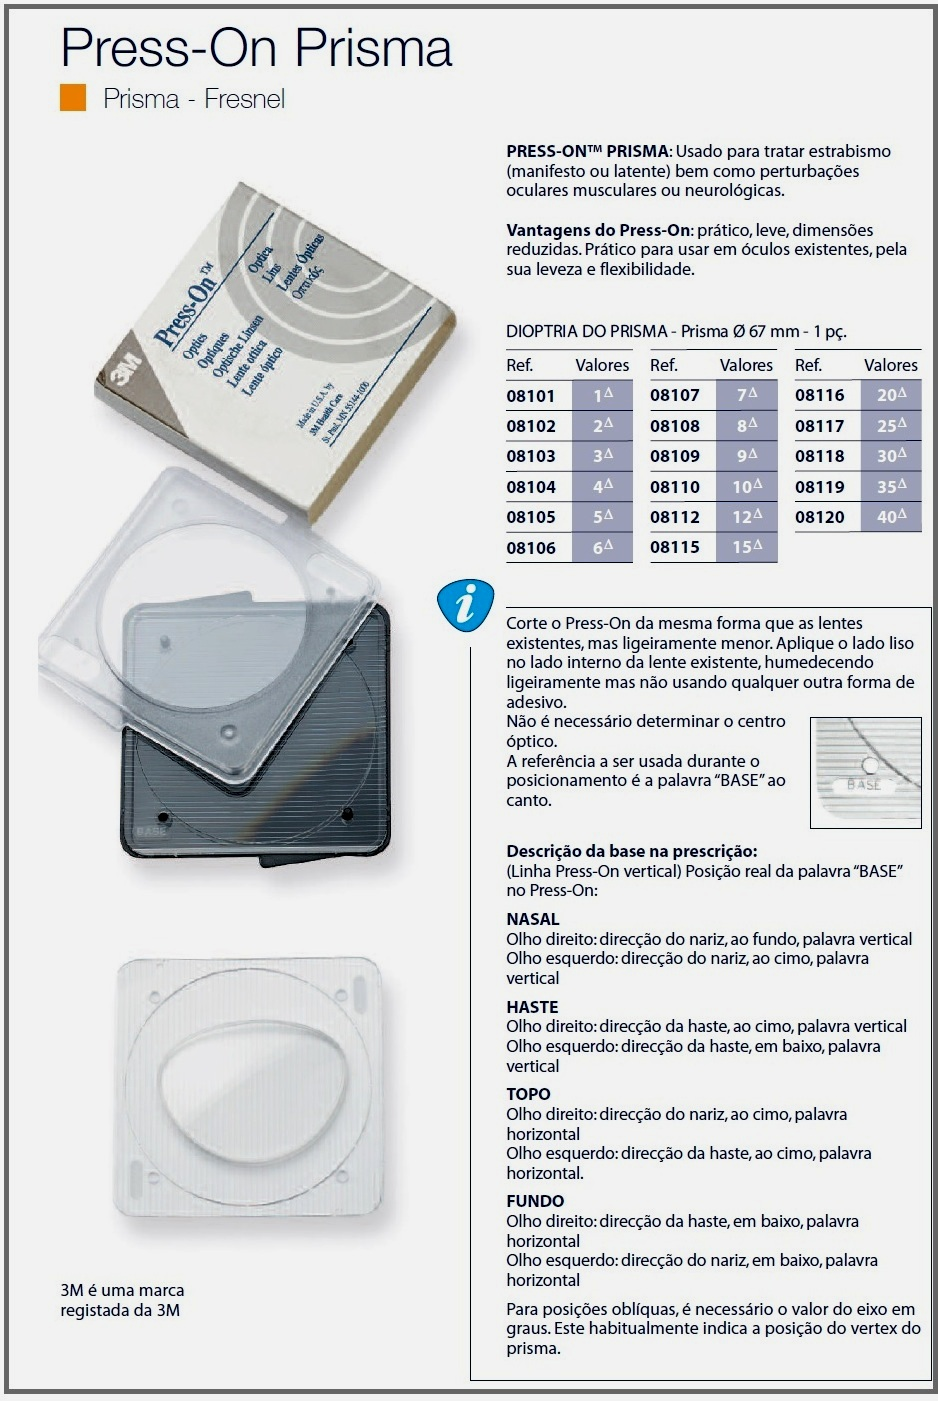 0208118 - CorreçãoVisual 02 Press-On Prisma 30 Mod 8118 FLAG O  -Contém 1 Peça